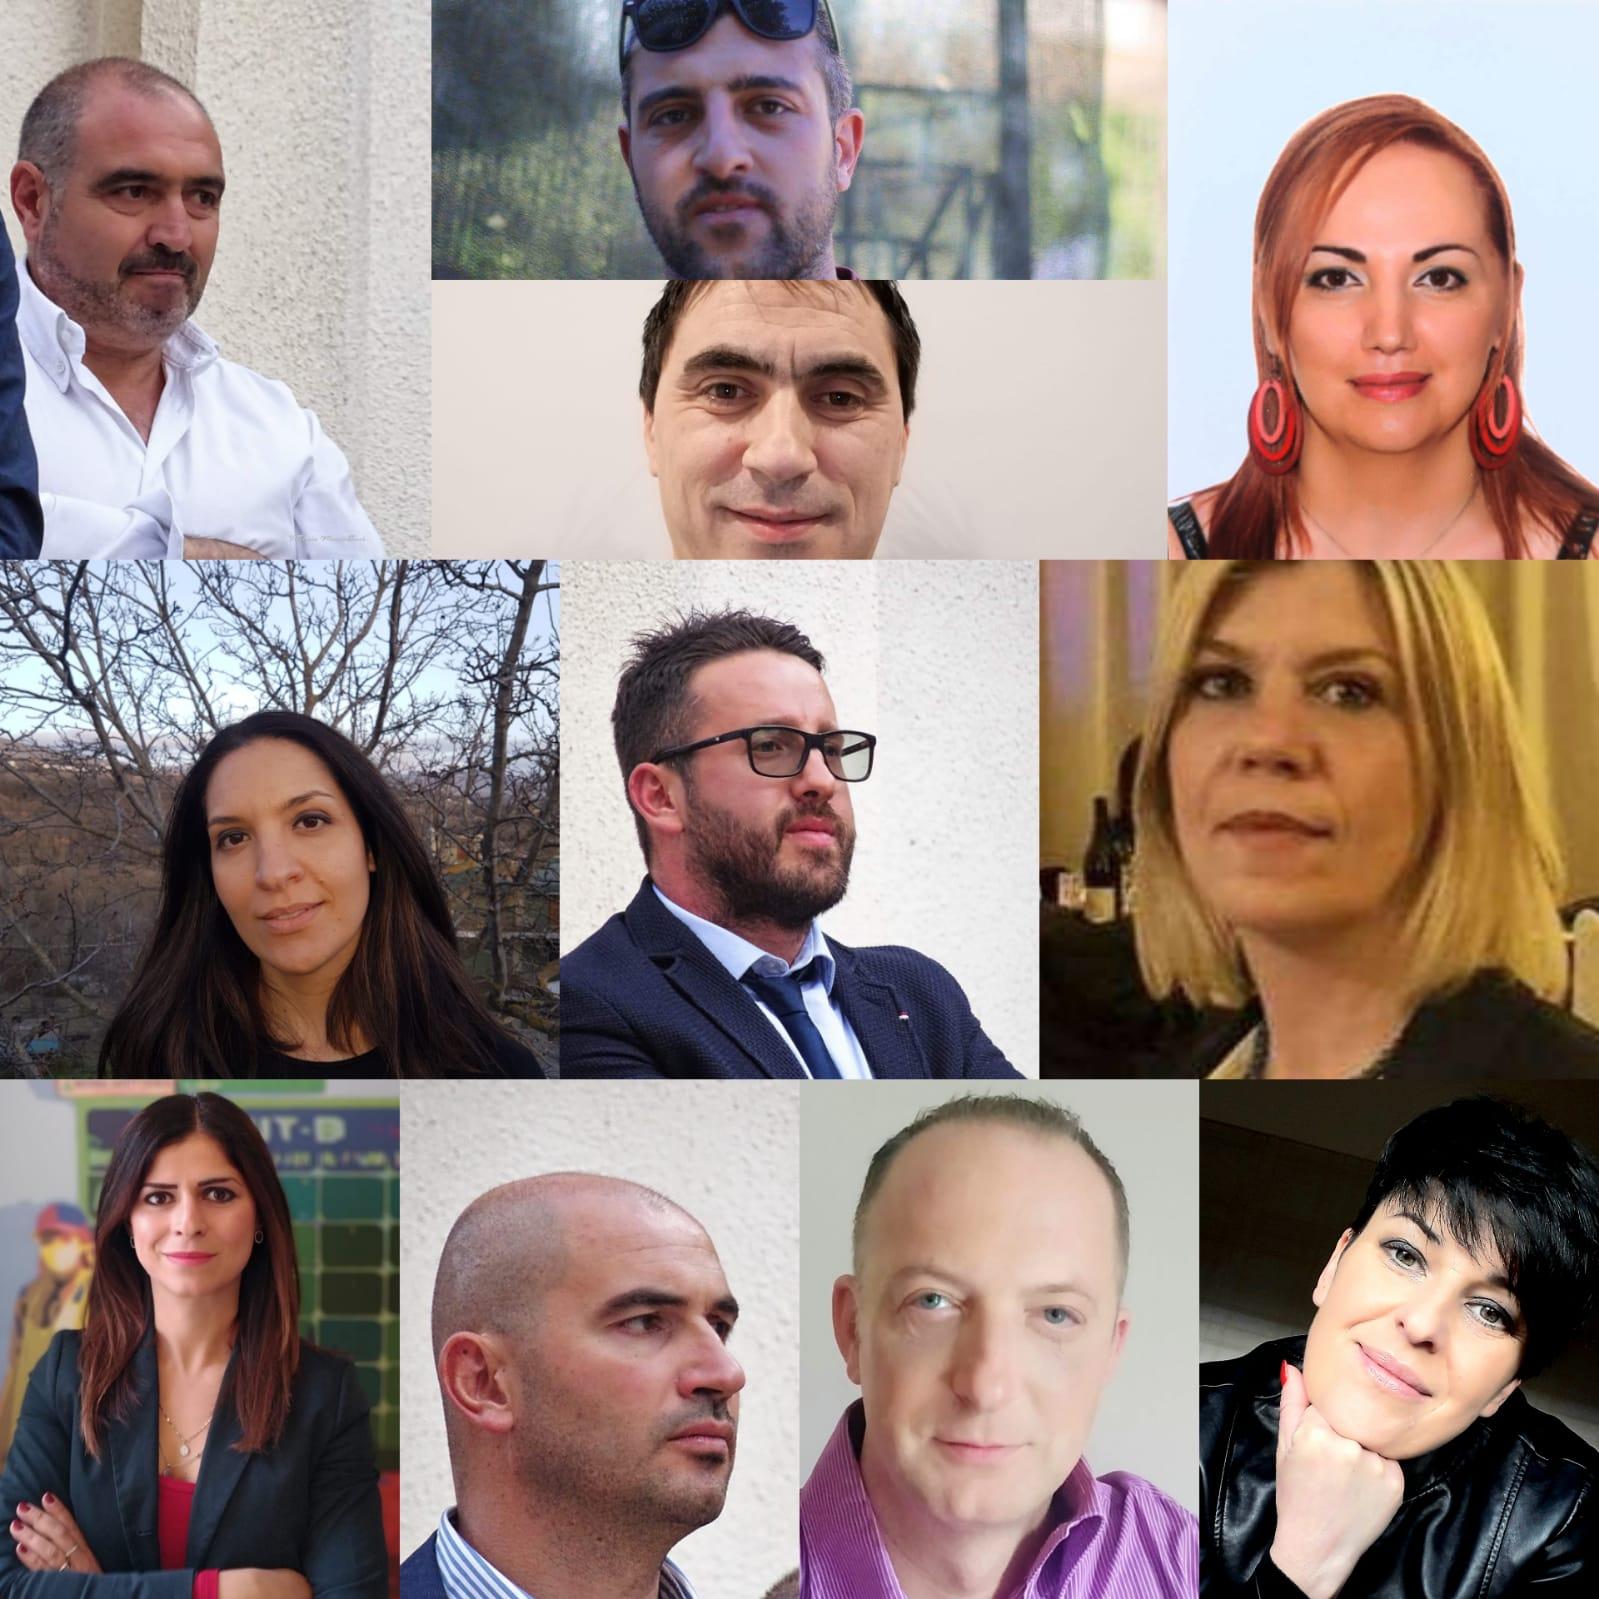 Elezioni Aielli, già pronta la lista dei nuovi candidati consiglieri per dare continuità all'amministrazione attuale